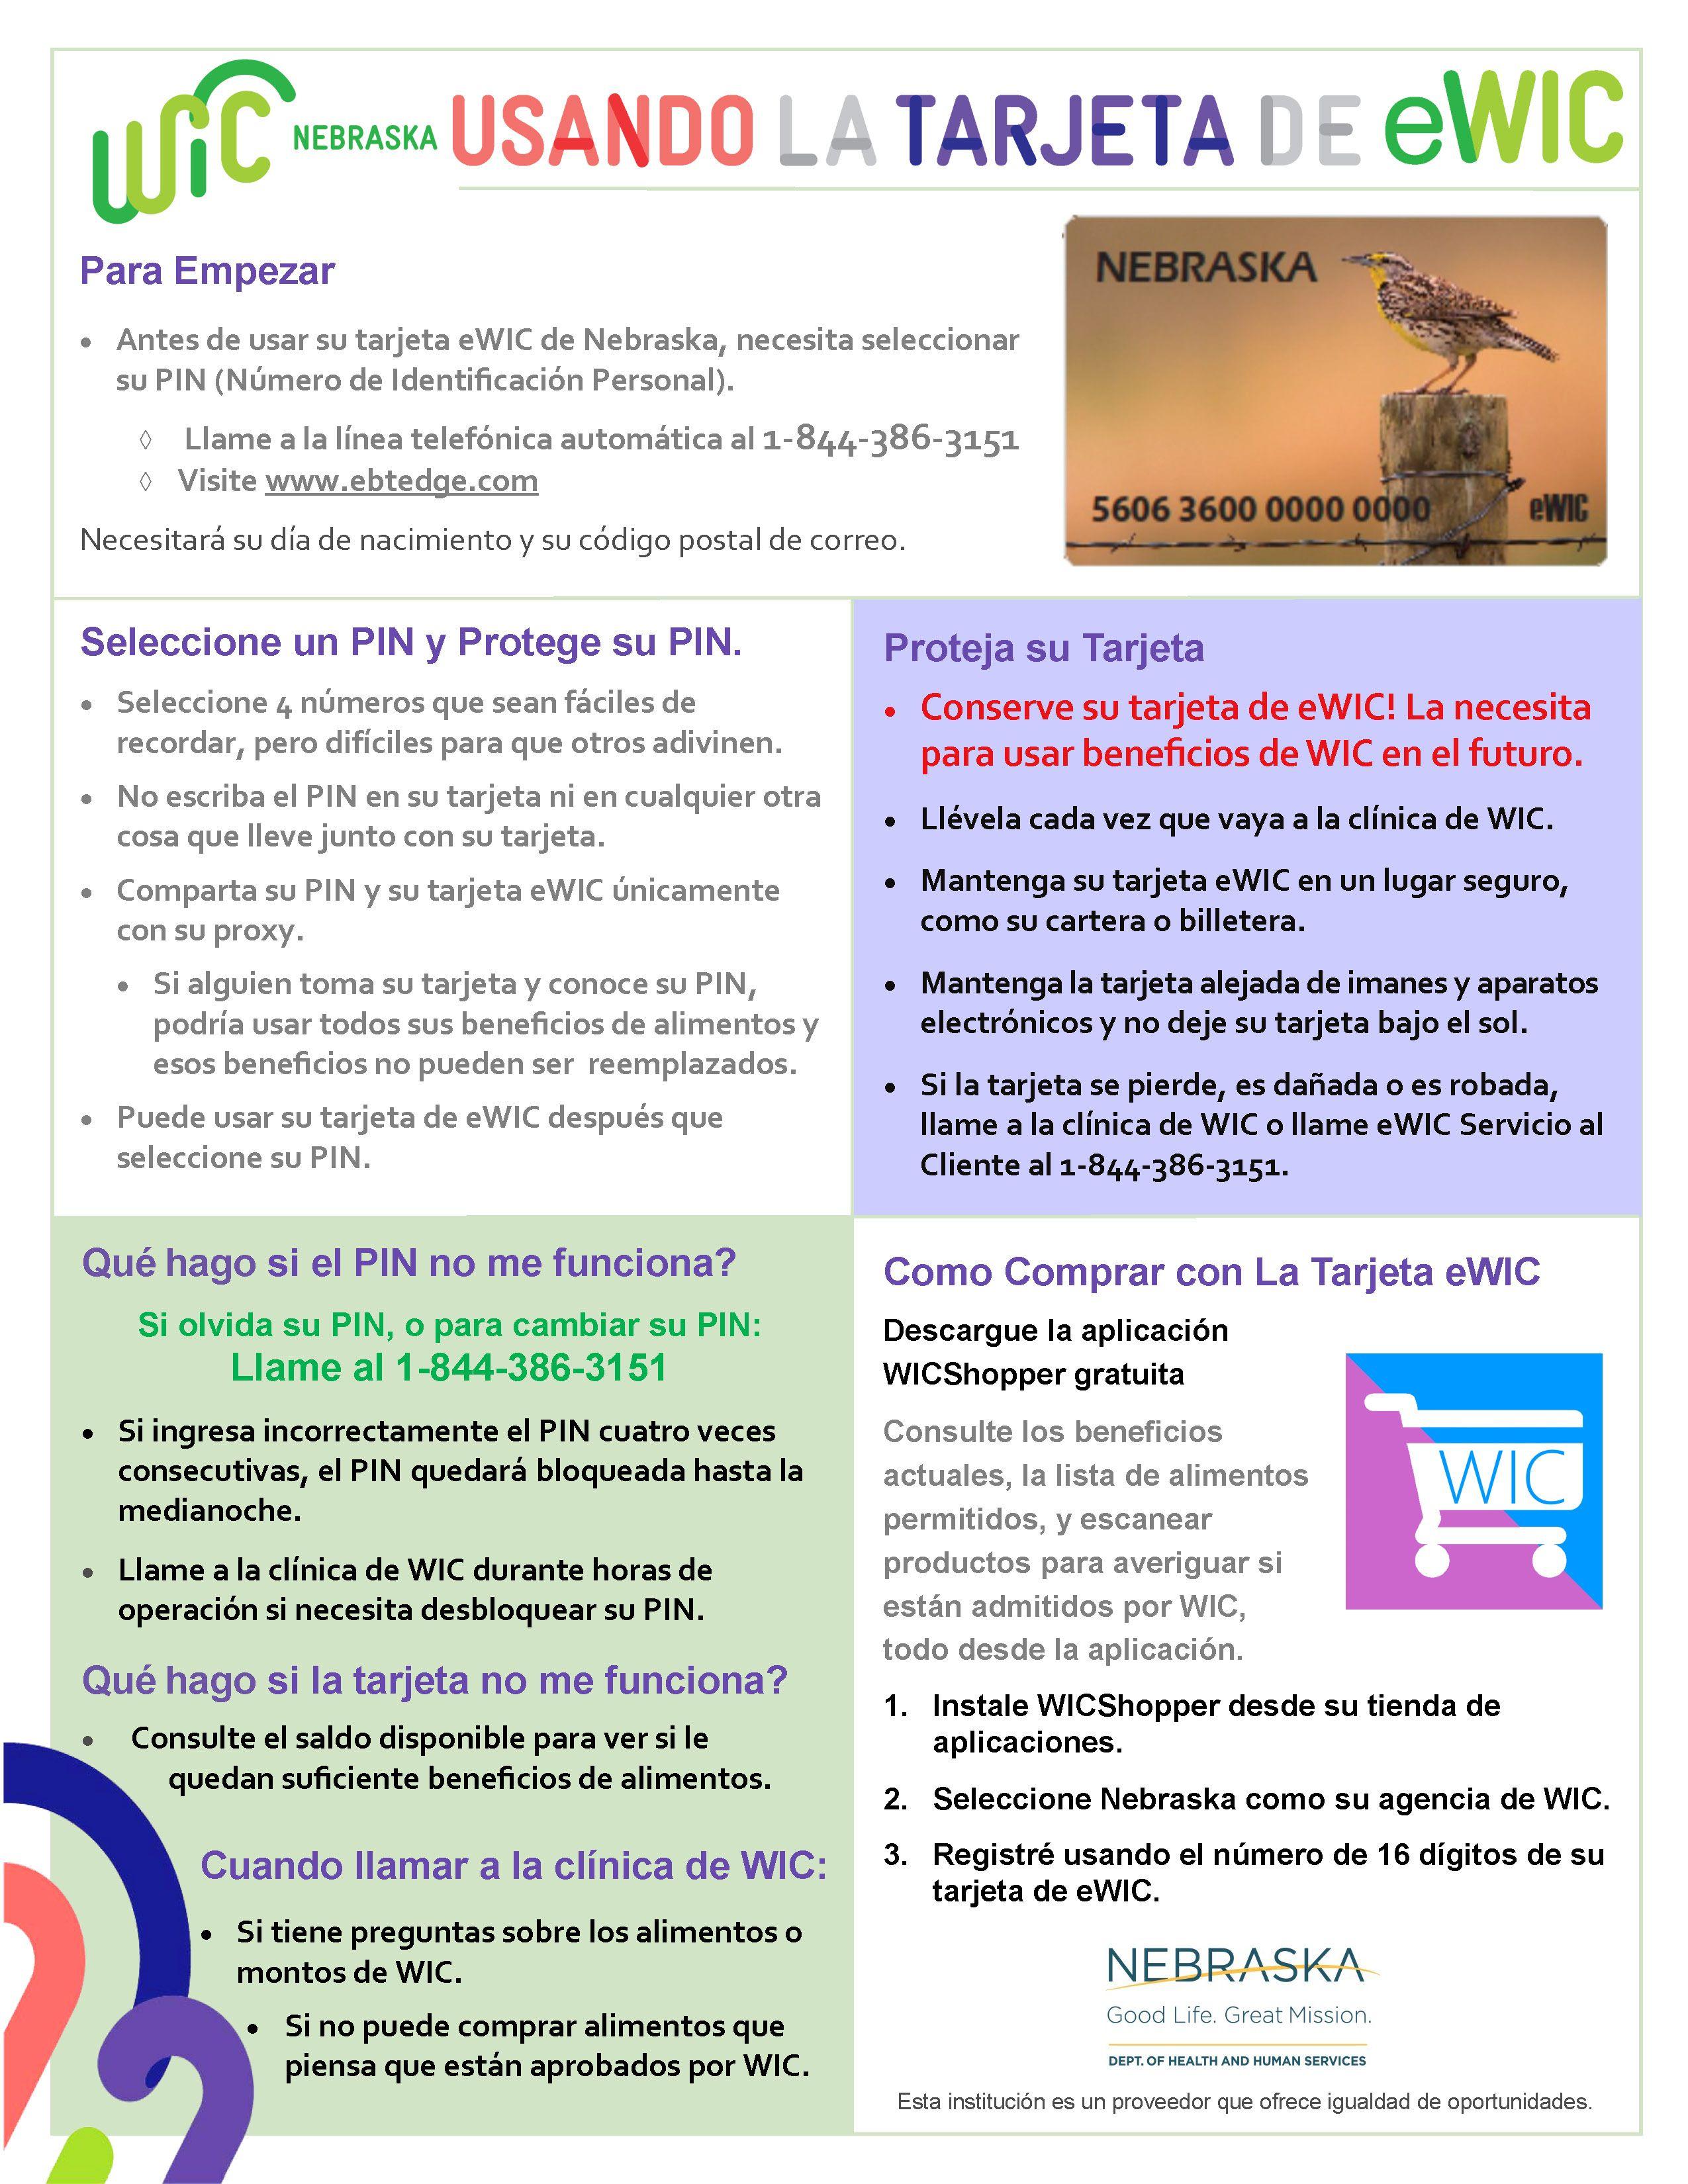 Pulse aqui para recibir la informacion en Español